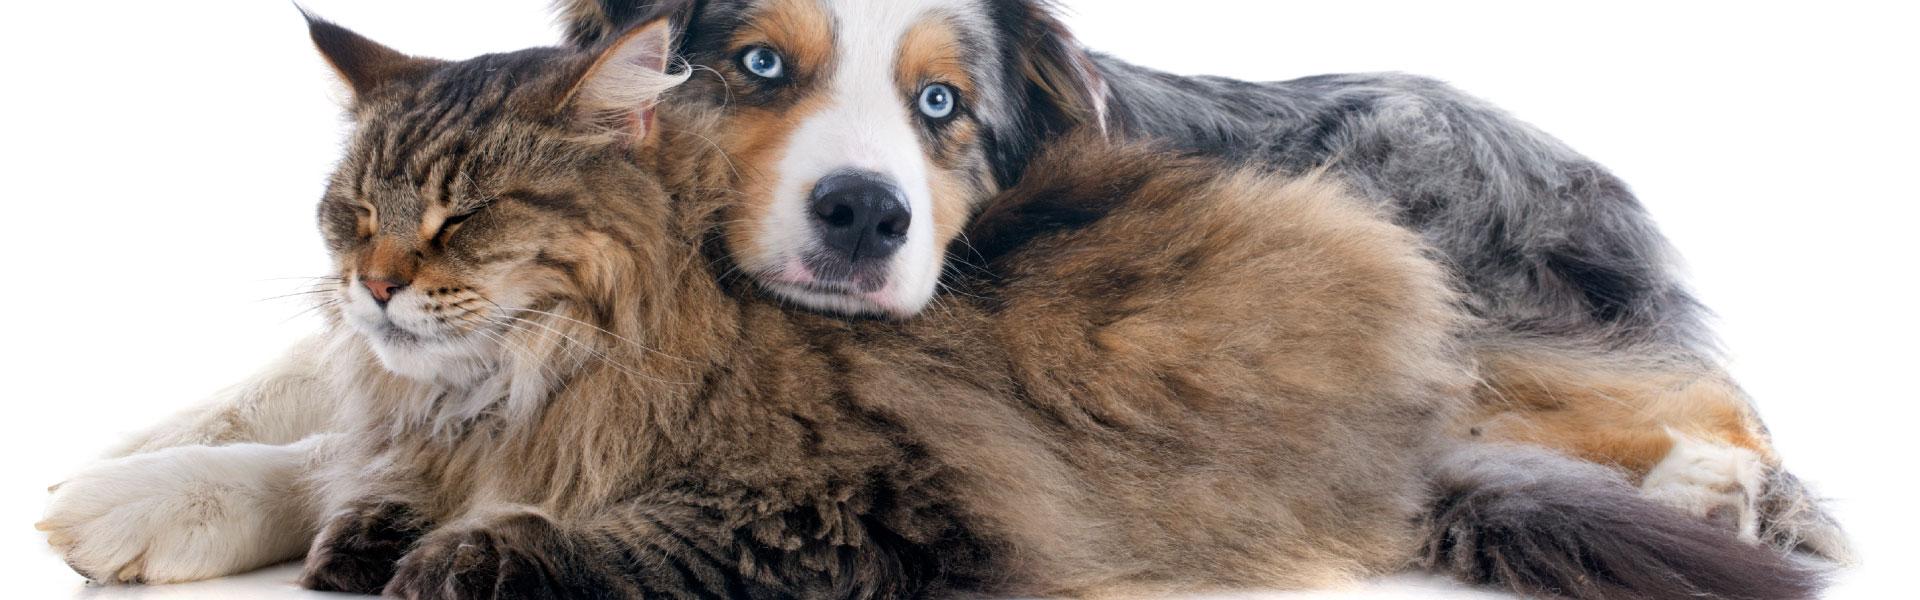 dyrlæge priser hunde